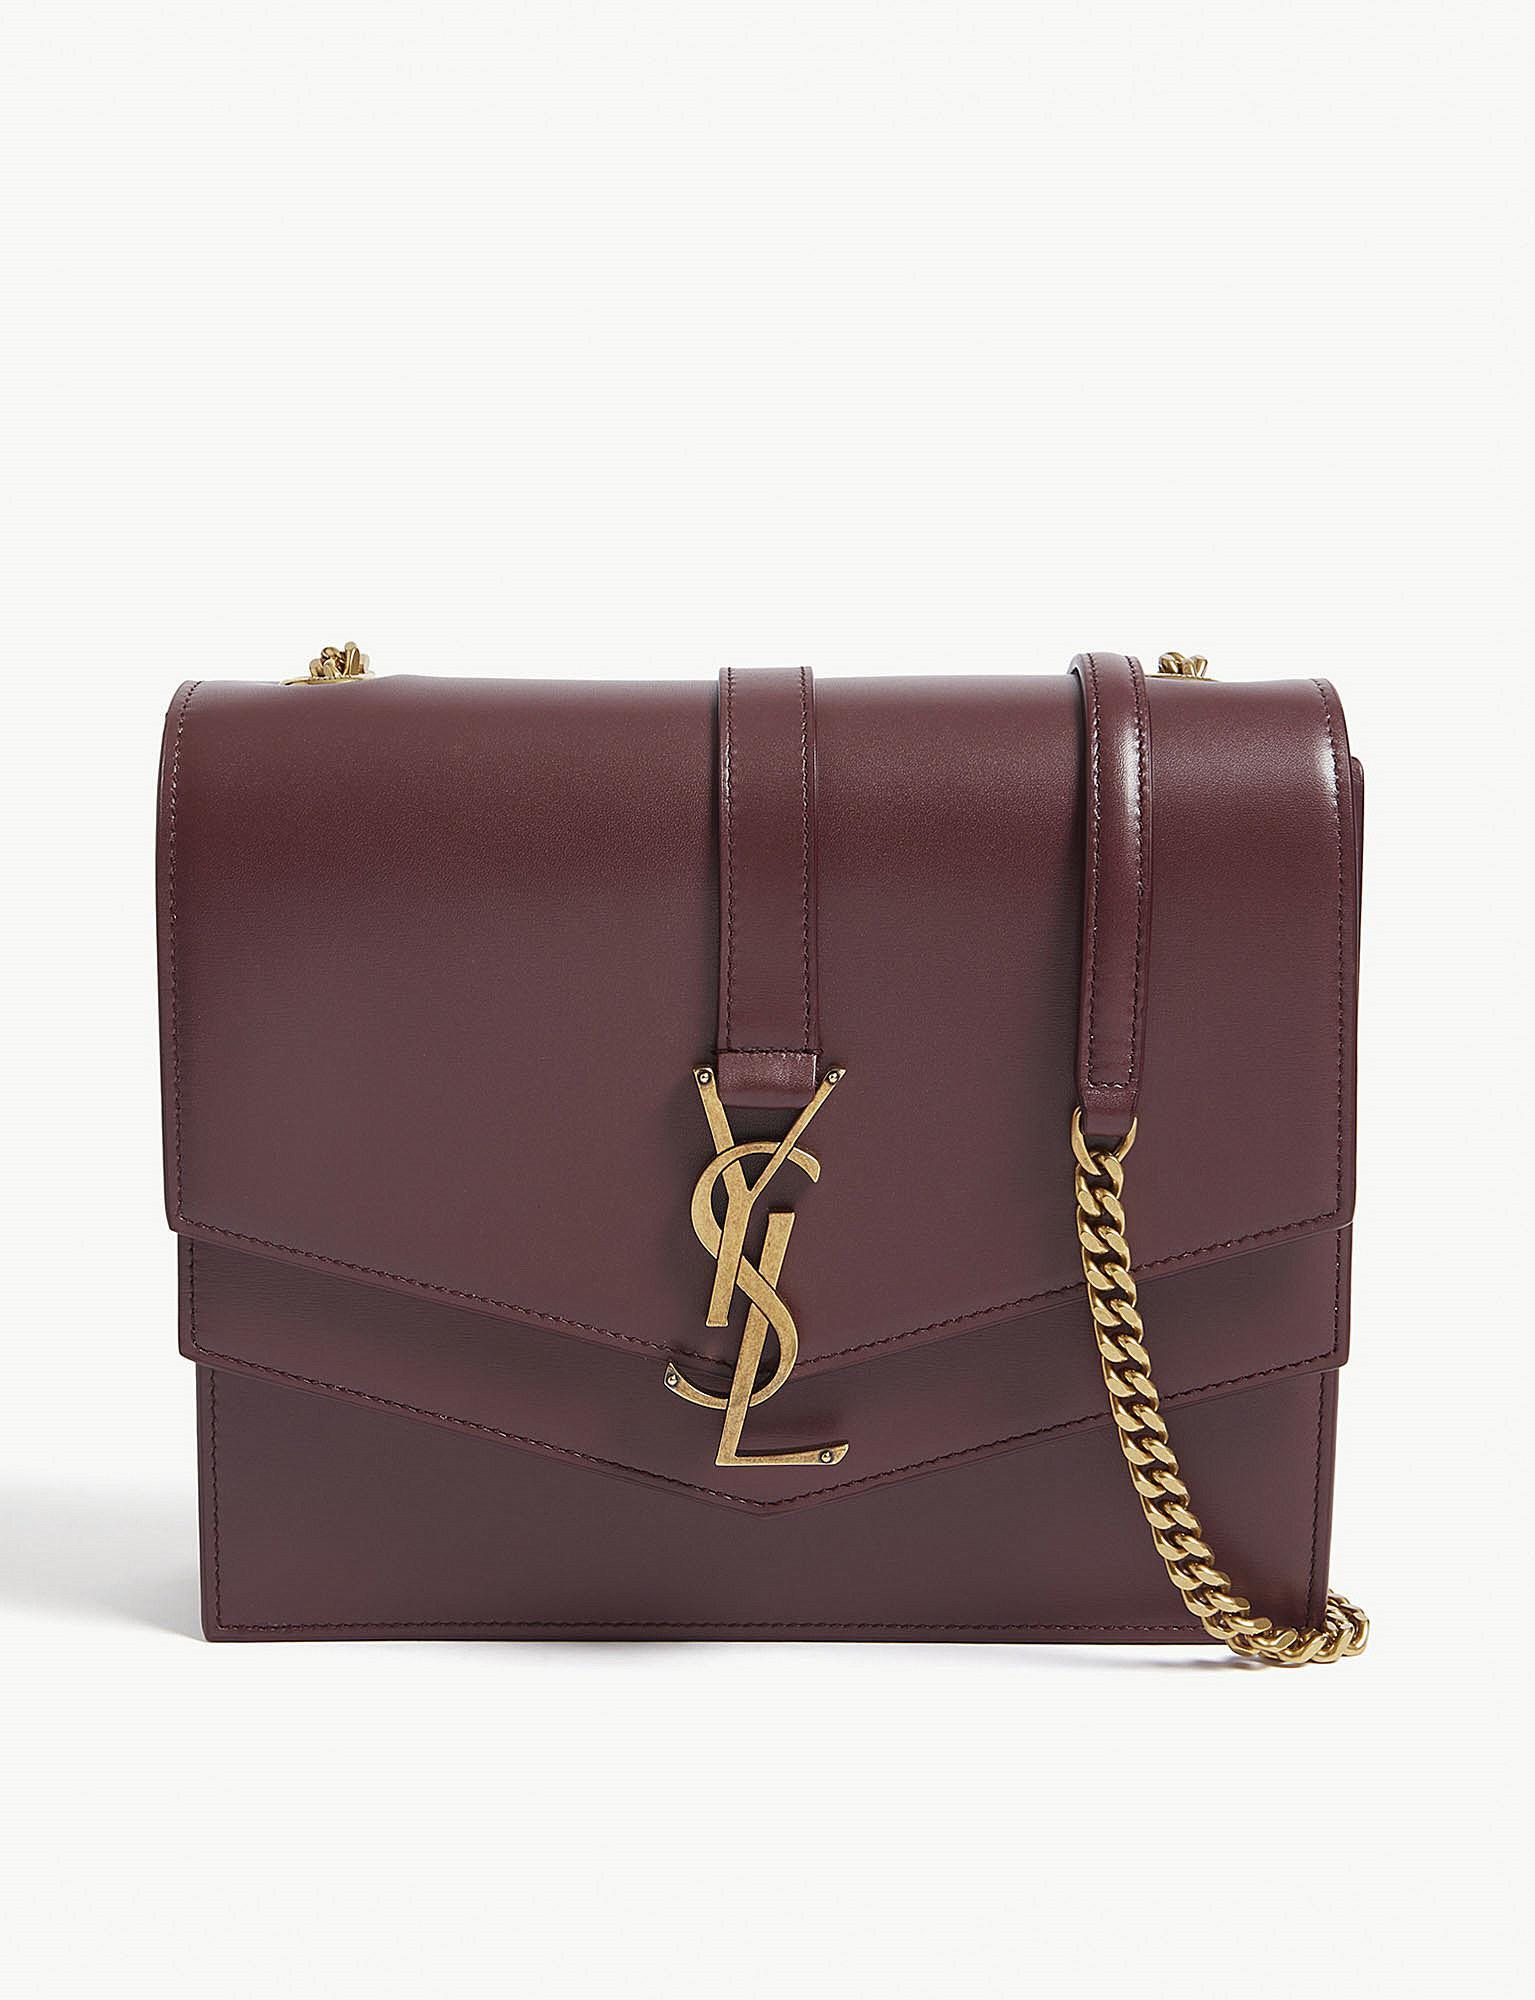 a0f8366365d0 Lyst - Saint Laurent Sulpice Monogram Leather Shoulder Bag in Purple